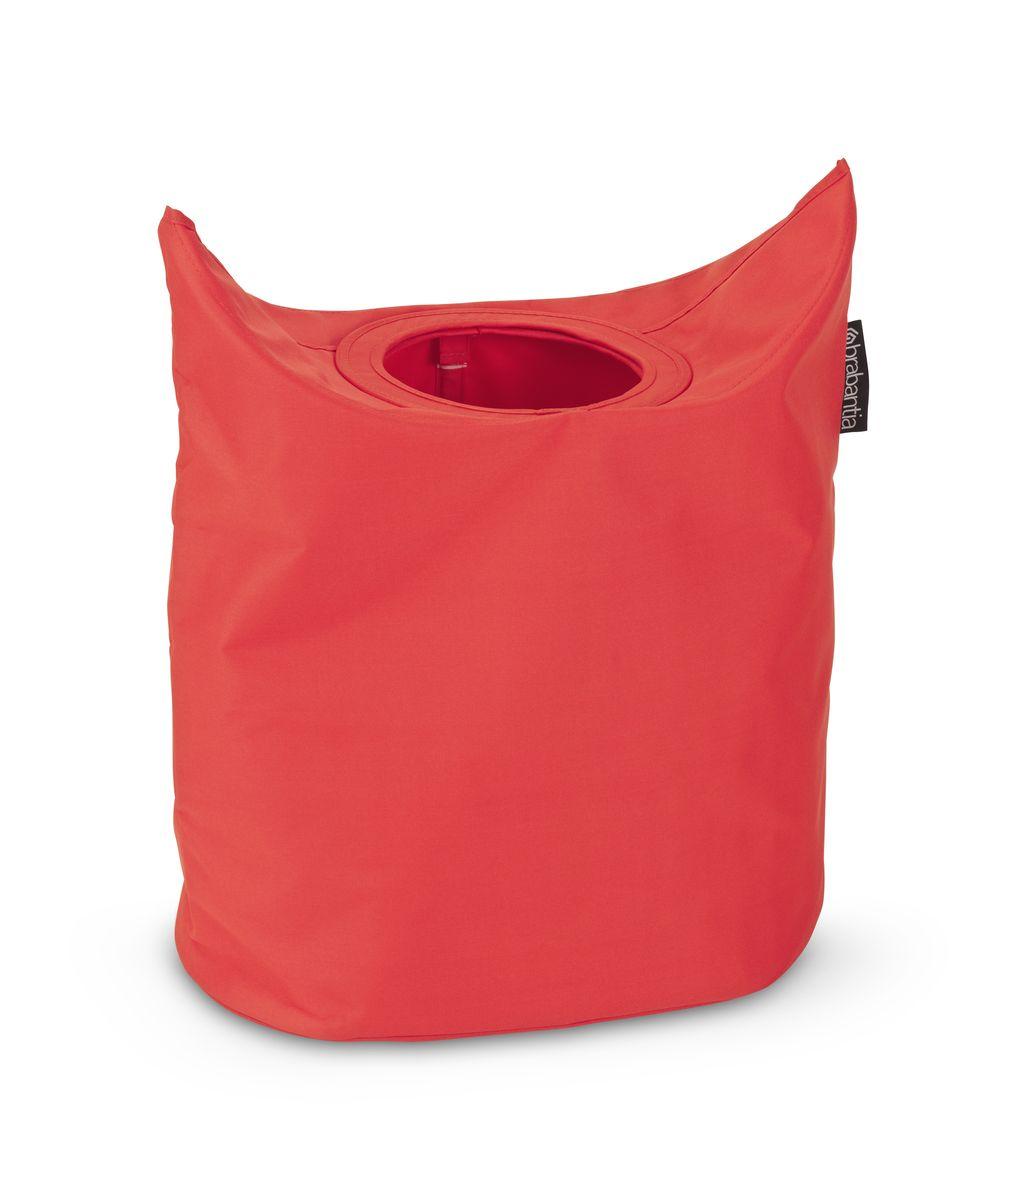 Сумка для белья Brabantia, овальная, цвет: красный, 50 л. 102523102523Большая вместимость – 50 литров. Удобно закладывать и доставать белье – широкое открытие. Отверстие для быстрой загрузки белья – просто сложите магнитные ручки. Практичная – большие удобные ручки для переноски. Экономия места – складывается для хранения.